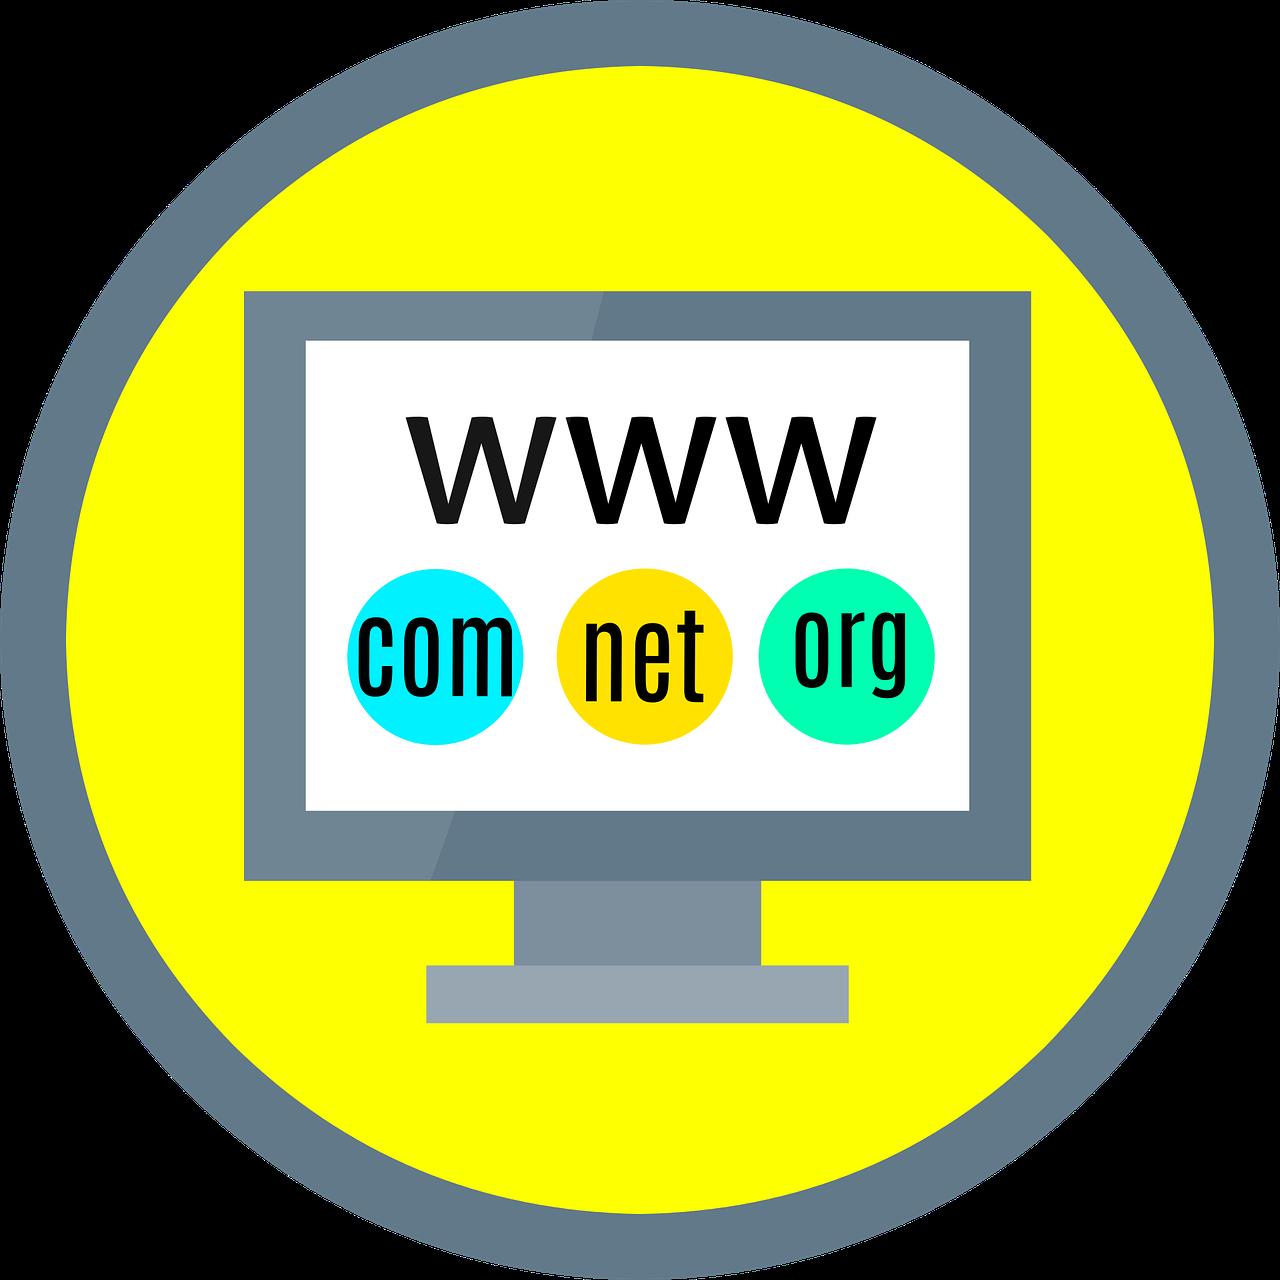 مواقع الإنترنت : تعاريف أولية